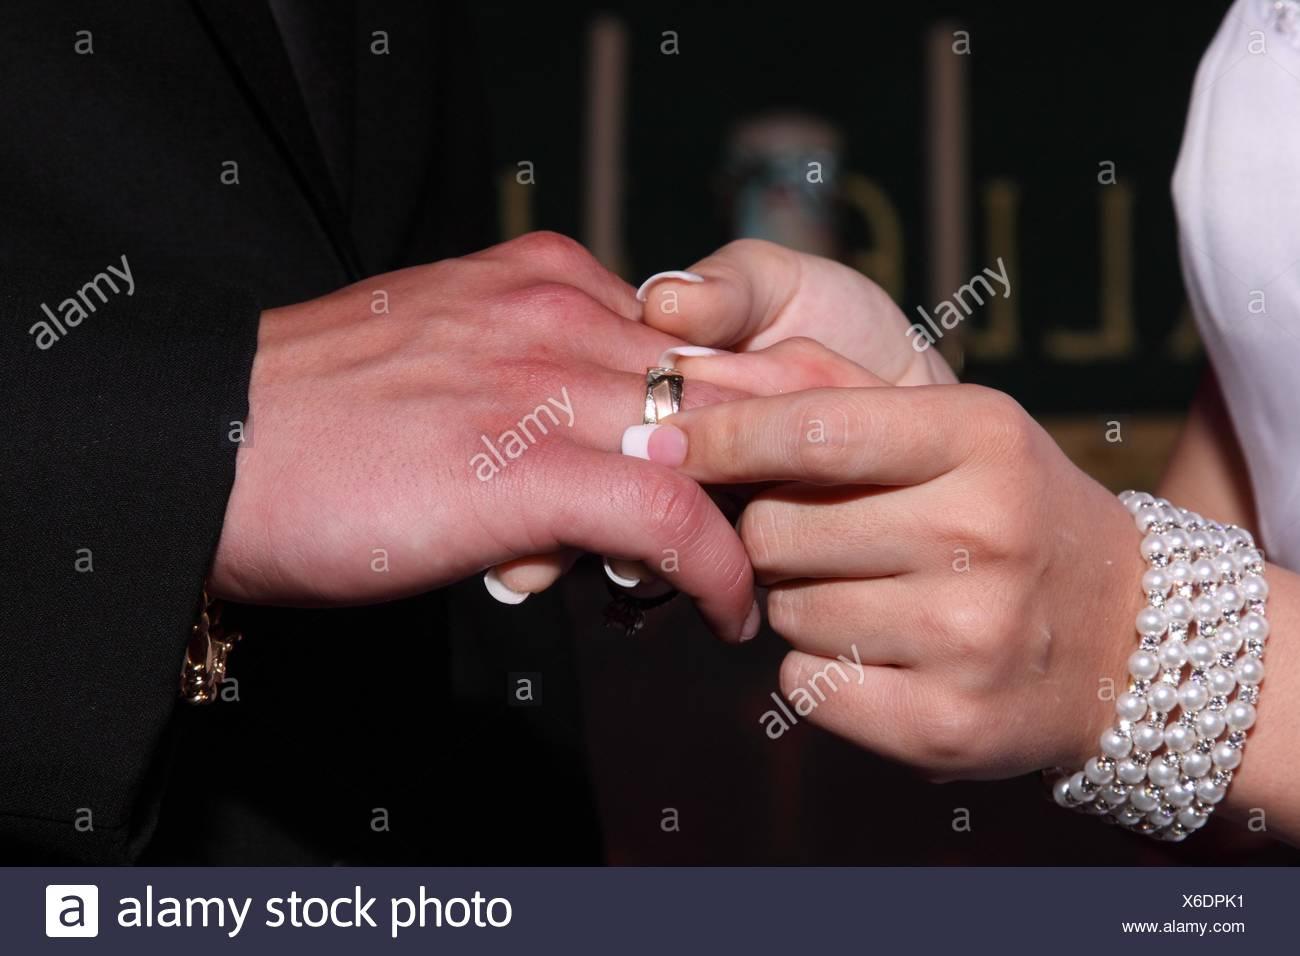 Wedding Ring Finger Bracelet Stock Photos & Wedding Ring Finger ...